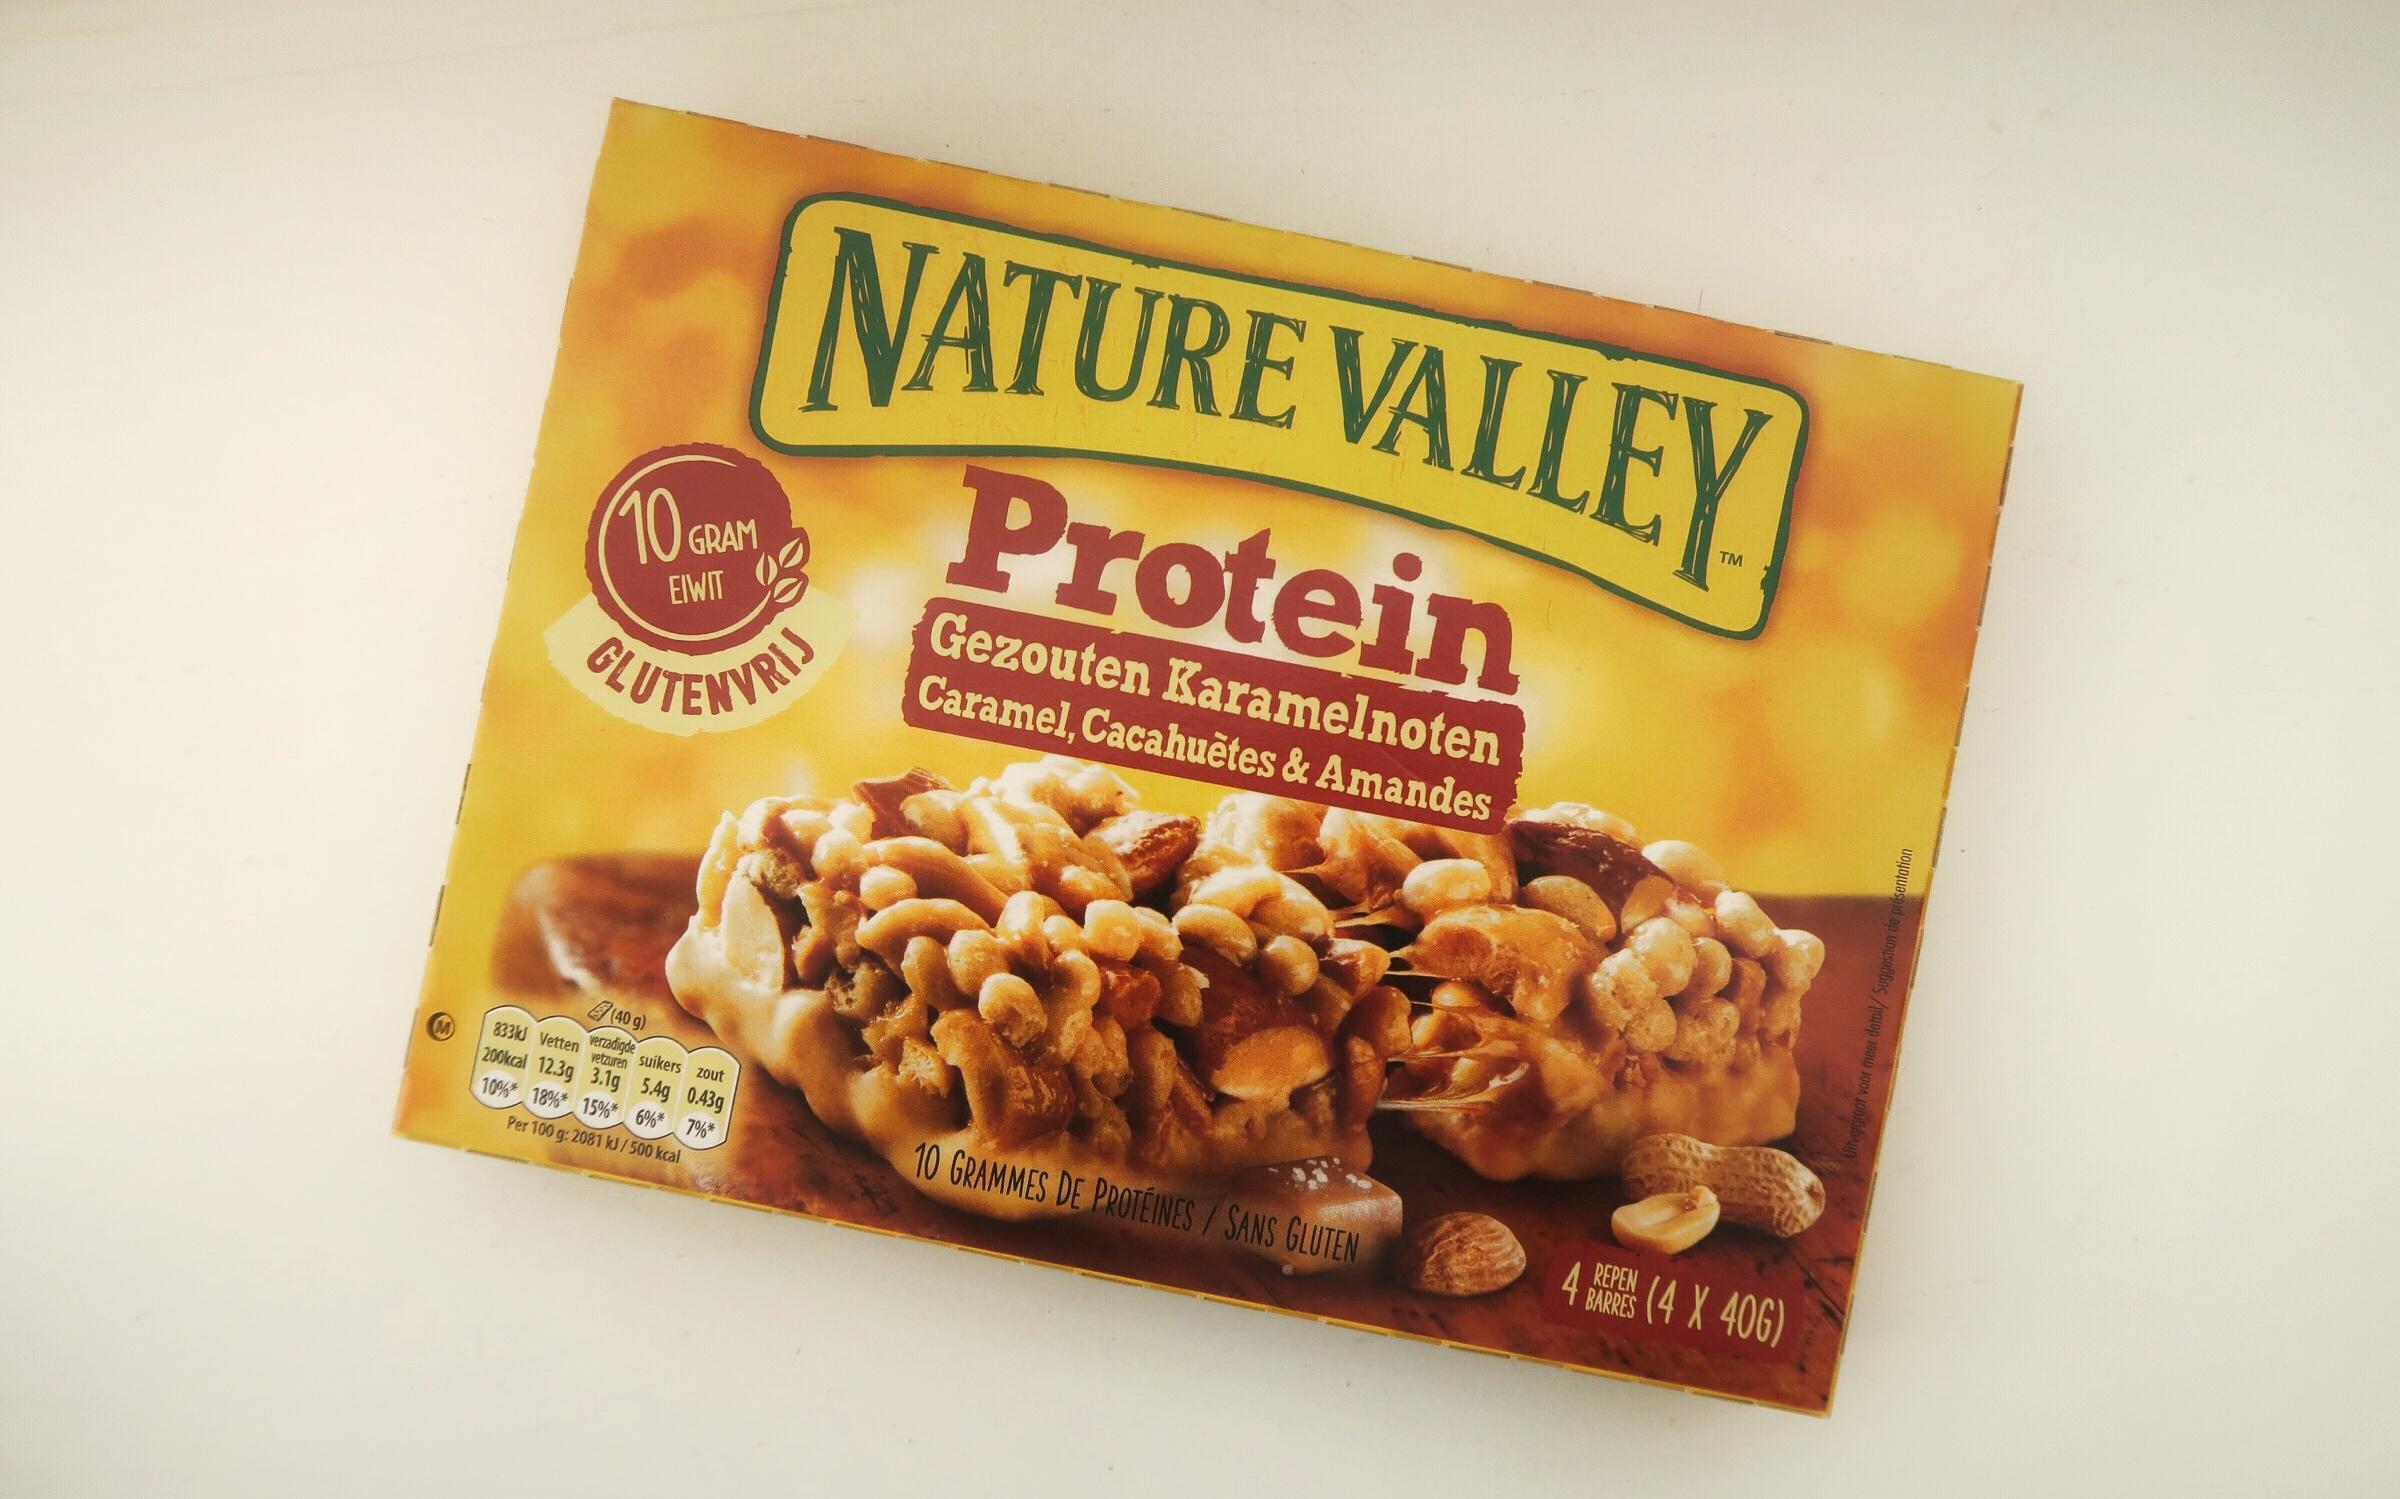 nature valley, gezonde producten, gezonde voeding, gezonde snacks, callowfit, gymjunkies, tips gezonde producten